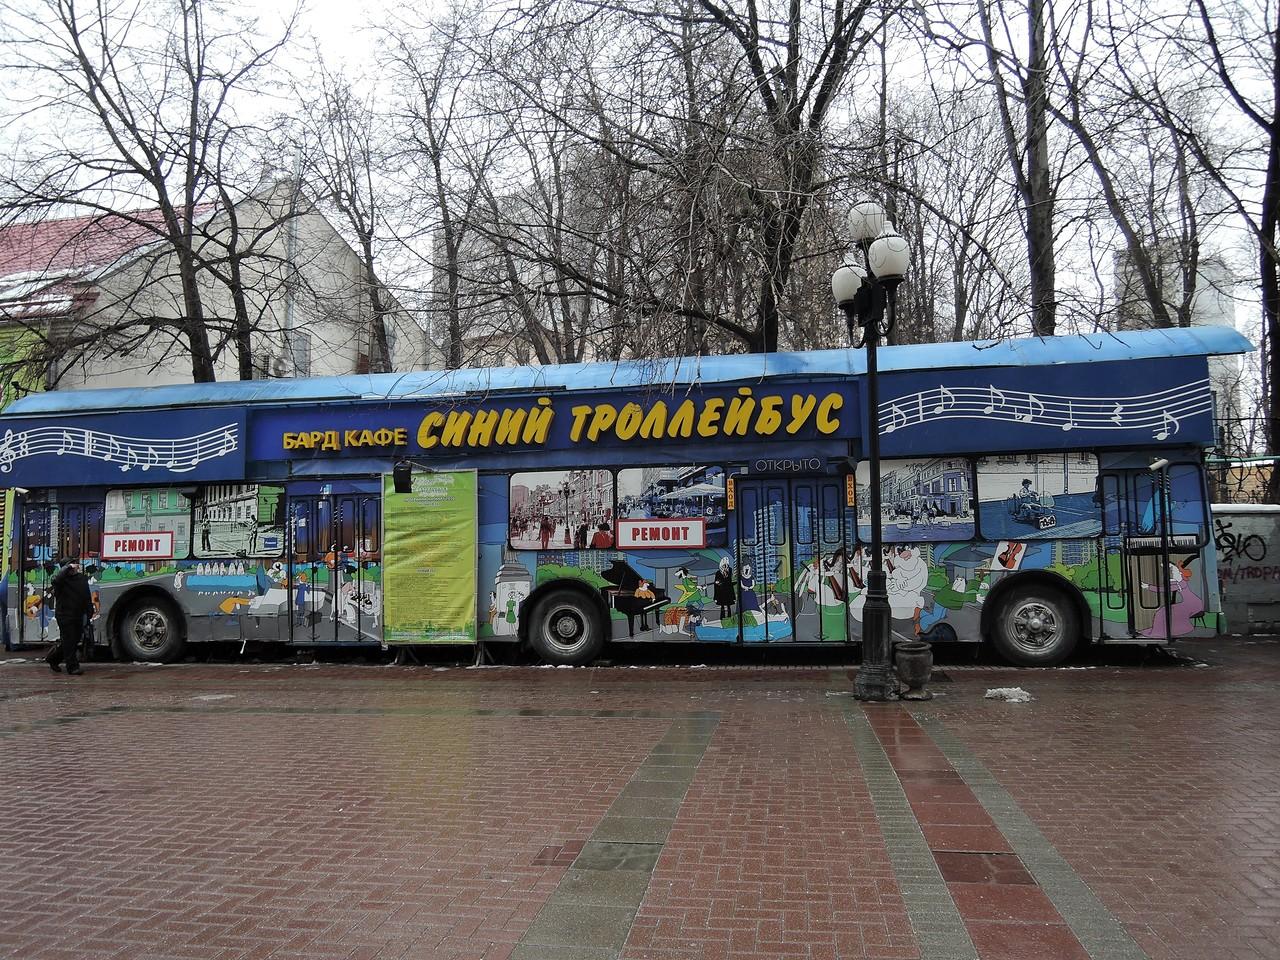 Арбат. Синий троллейбус.